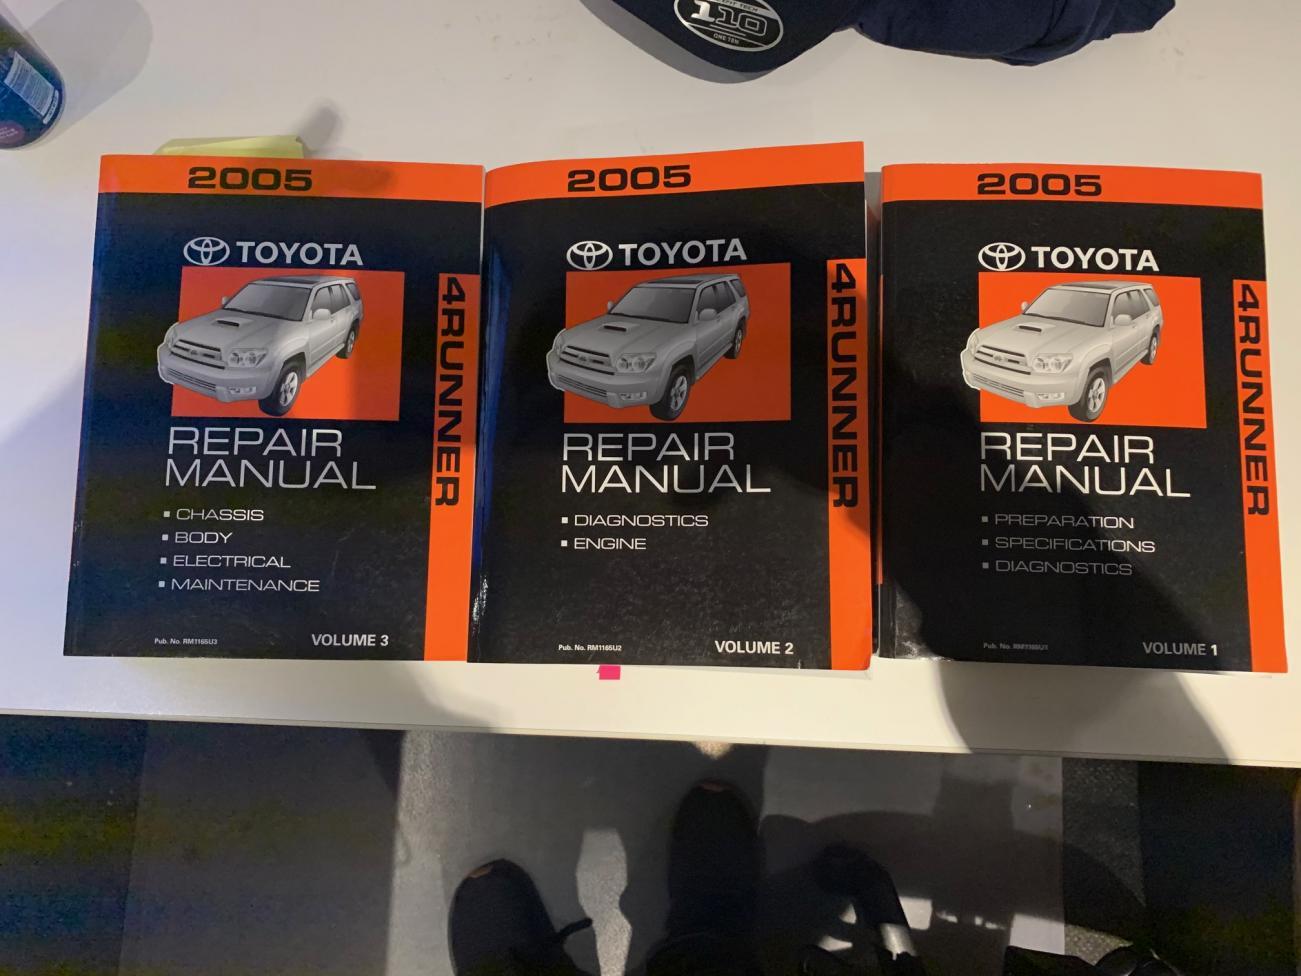 2005 4runner factory repair manuals-img_0667-jpg